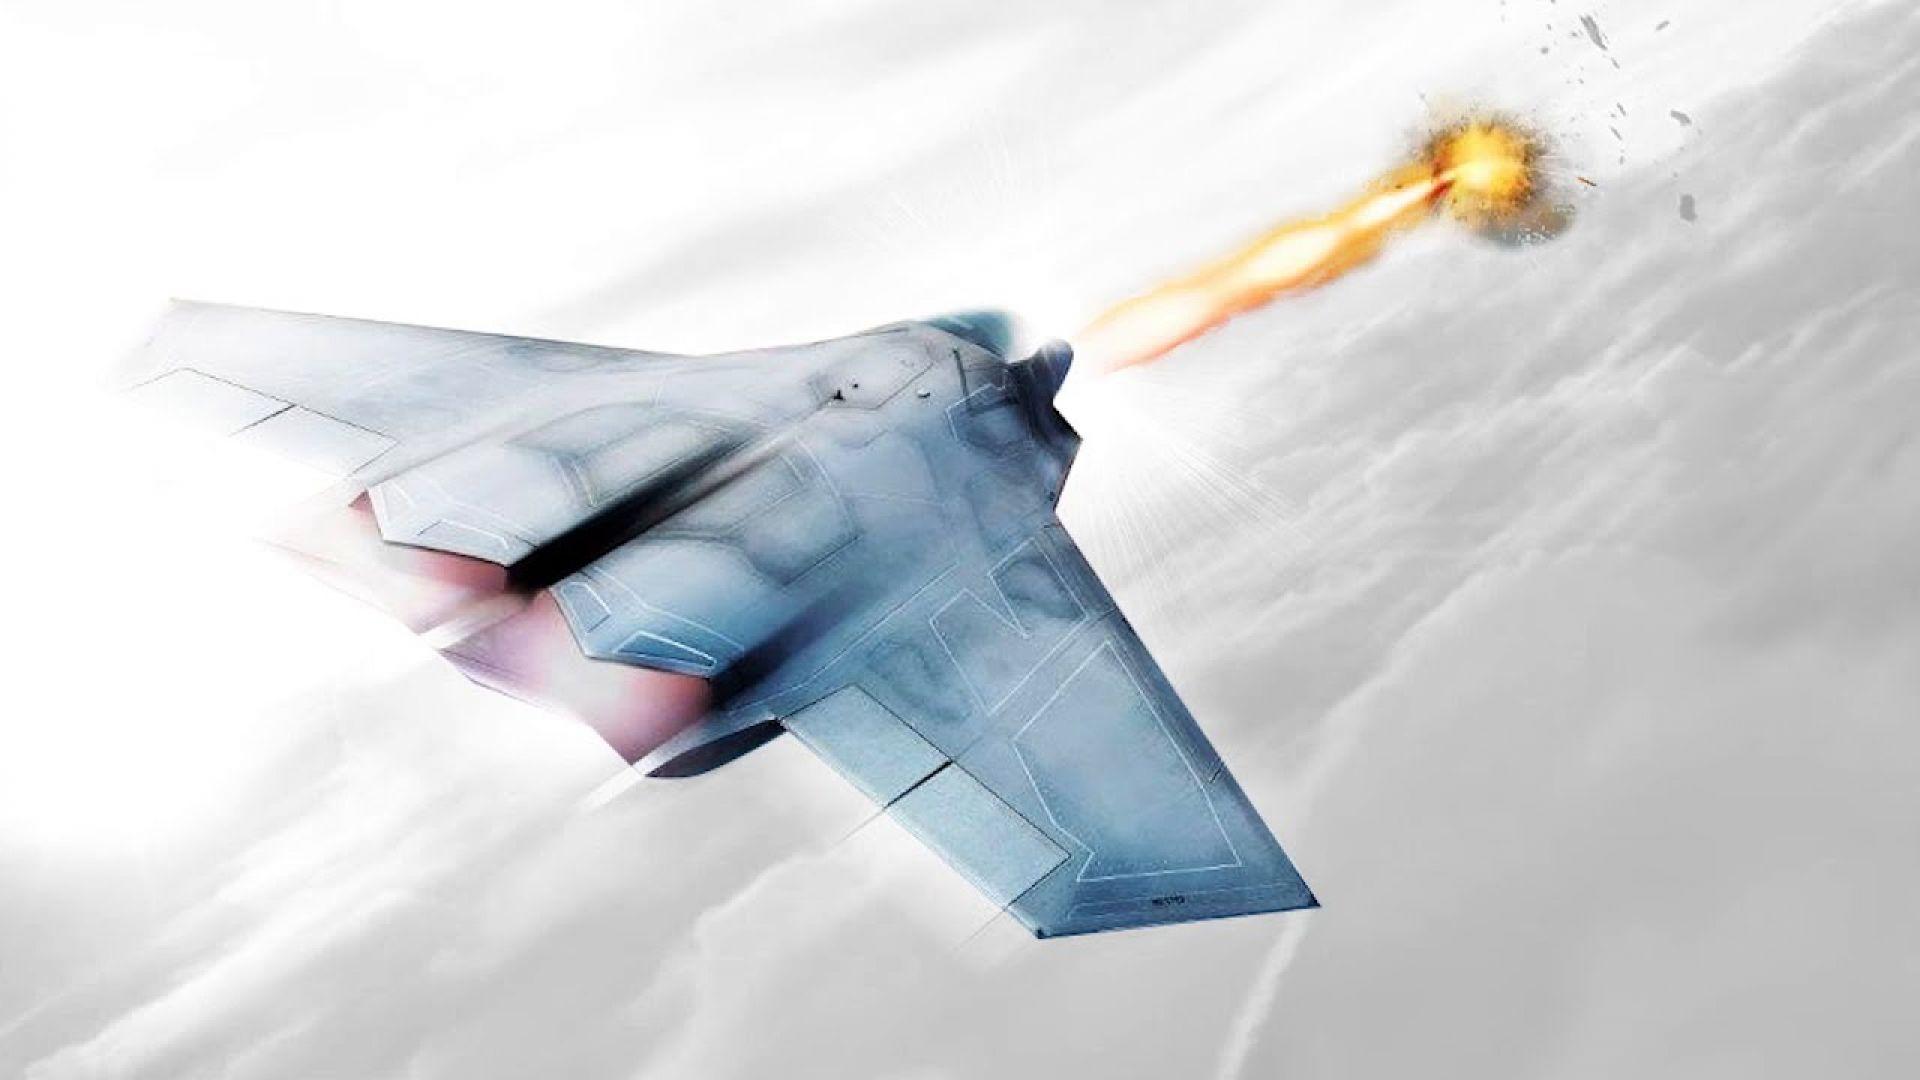 Lockheed Martin създаде лазерно оръжие, което се монтира на самолет